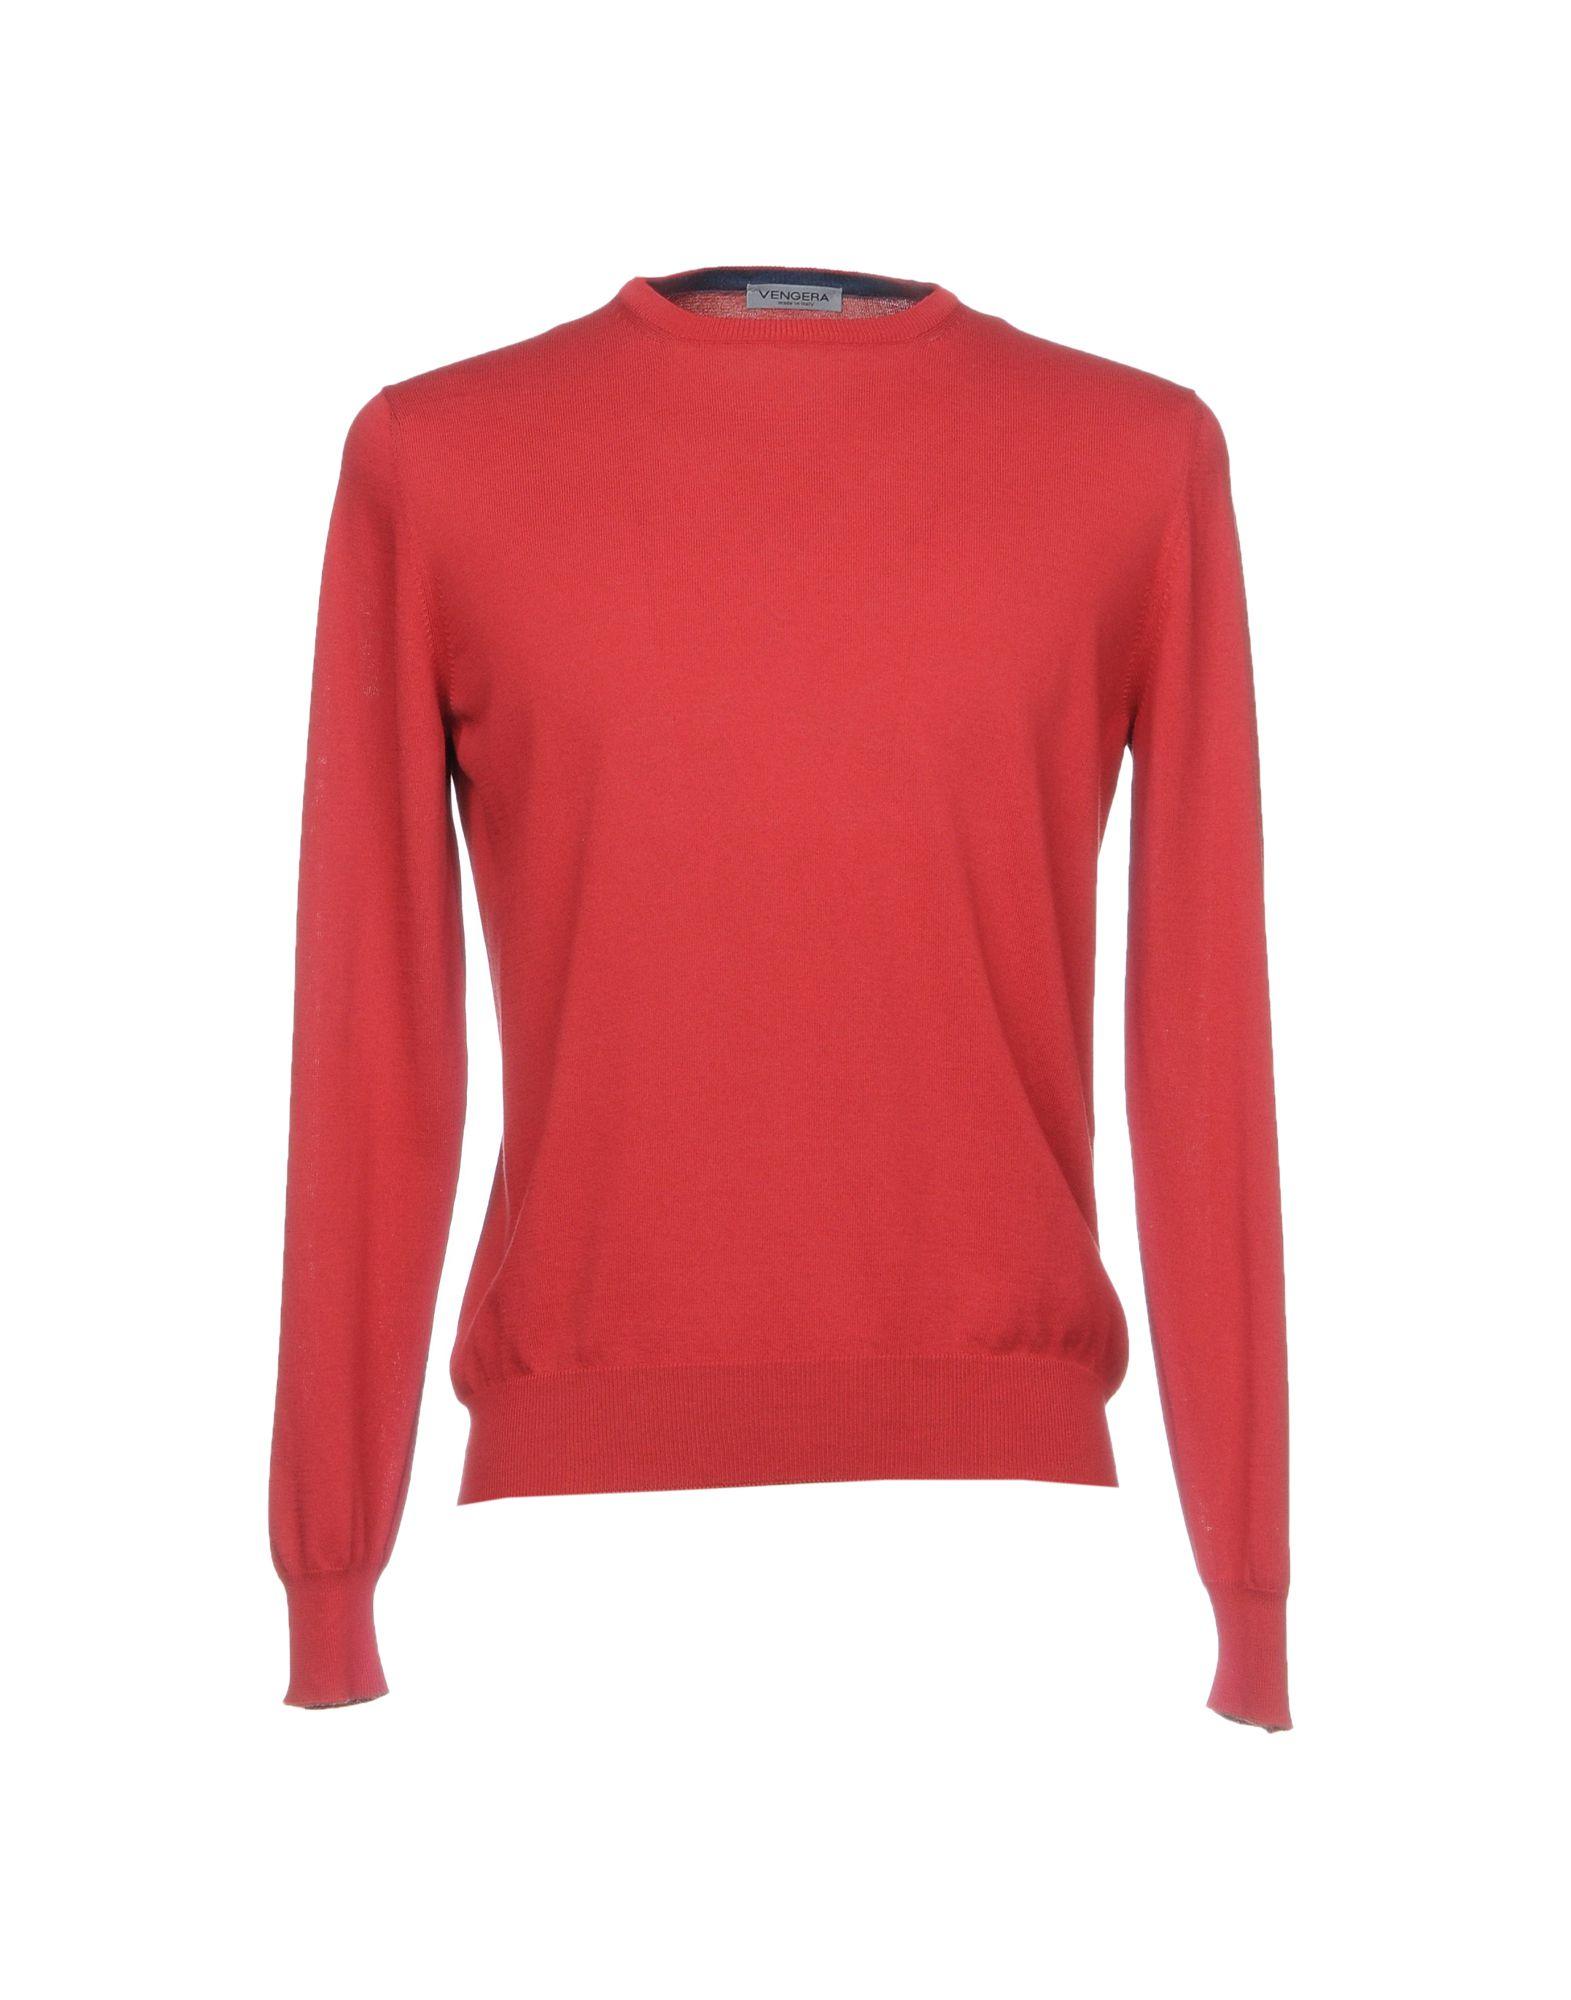 VENGERA Sweater in Brick Red